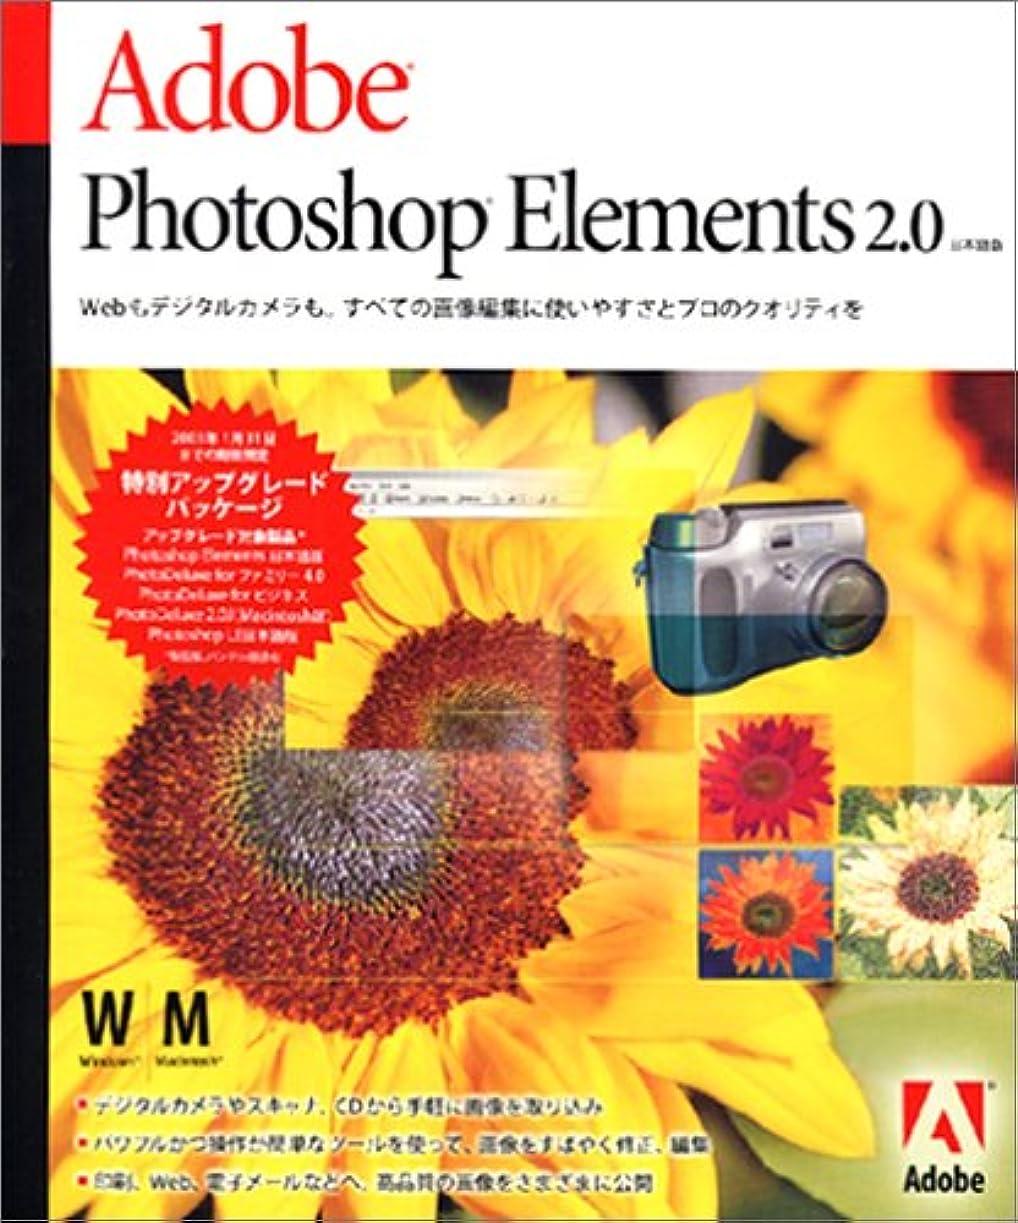 粘液枝吐くAdobe Photoshop Elements 2.0 日本語版 アップグレード版